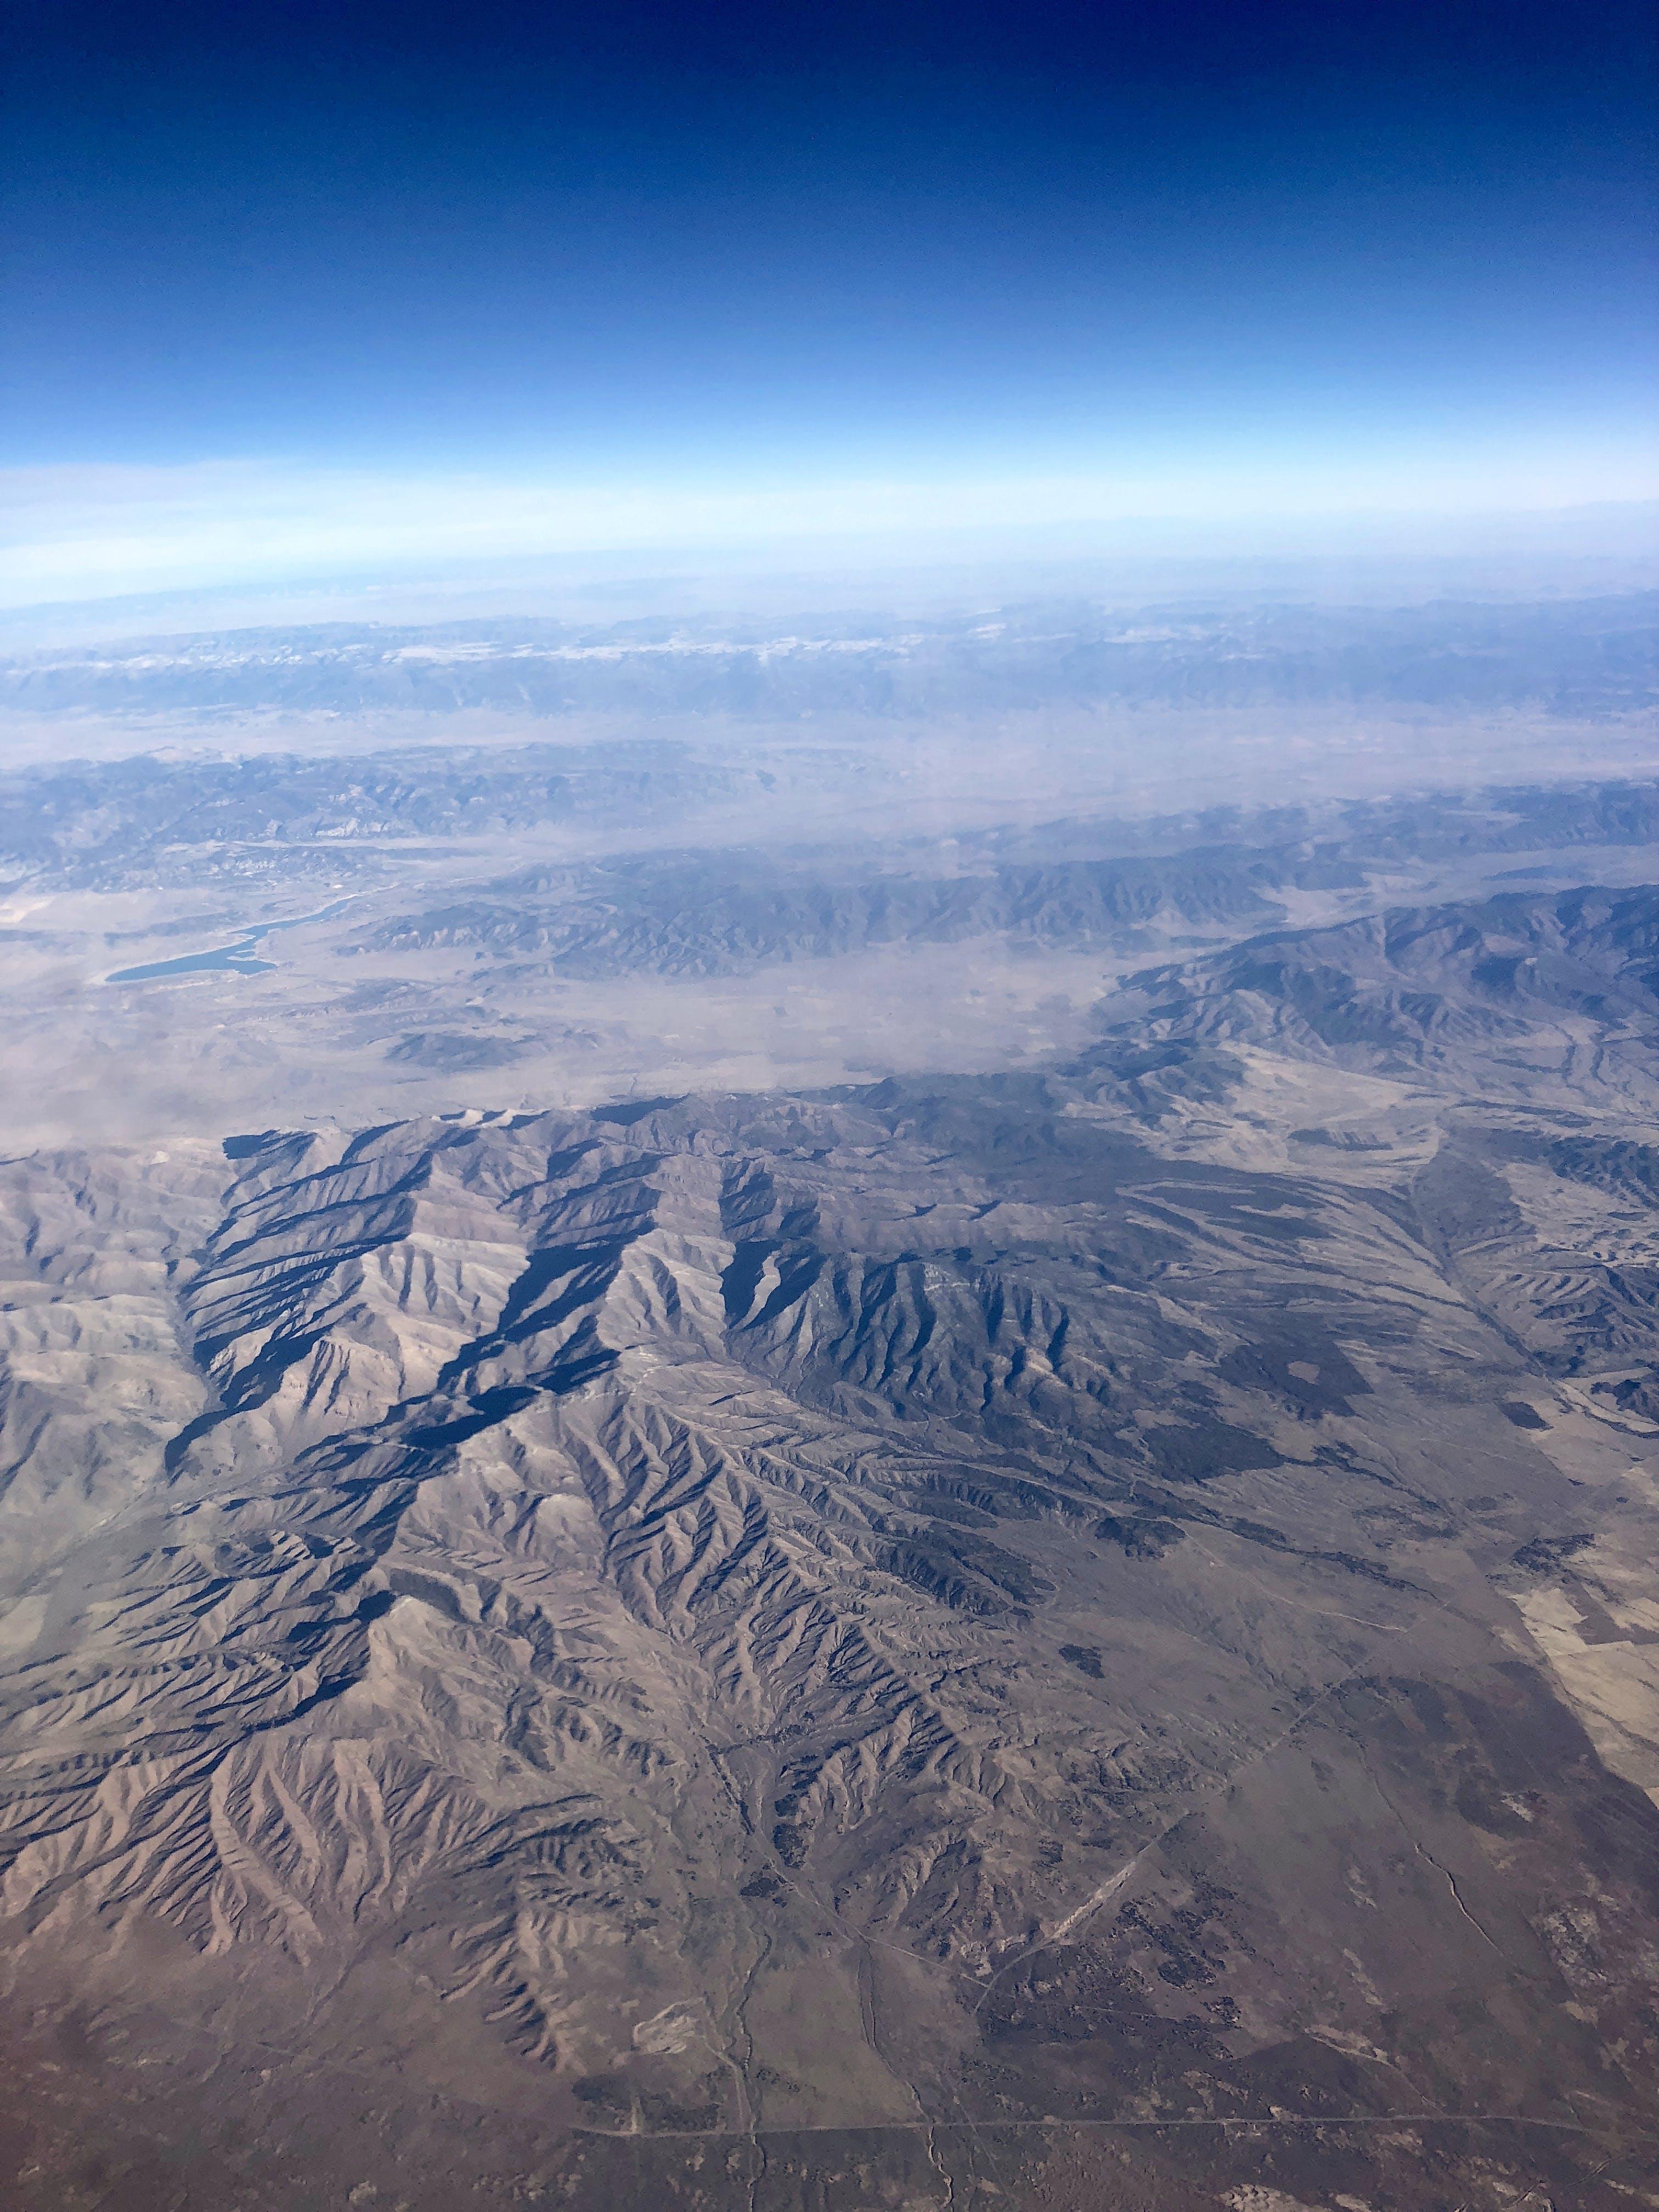 Fotos de stock gratuitas de ambiente, angulo alto, avión, cielo